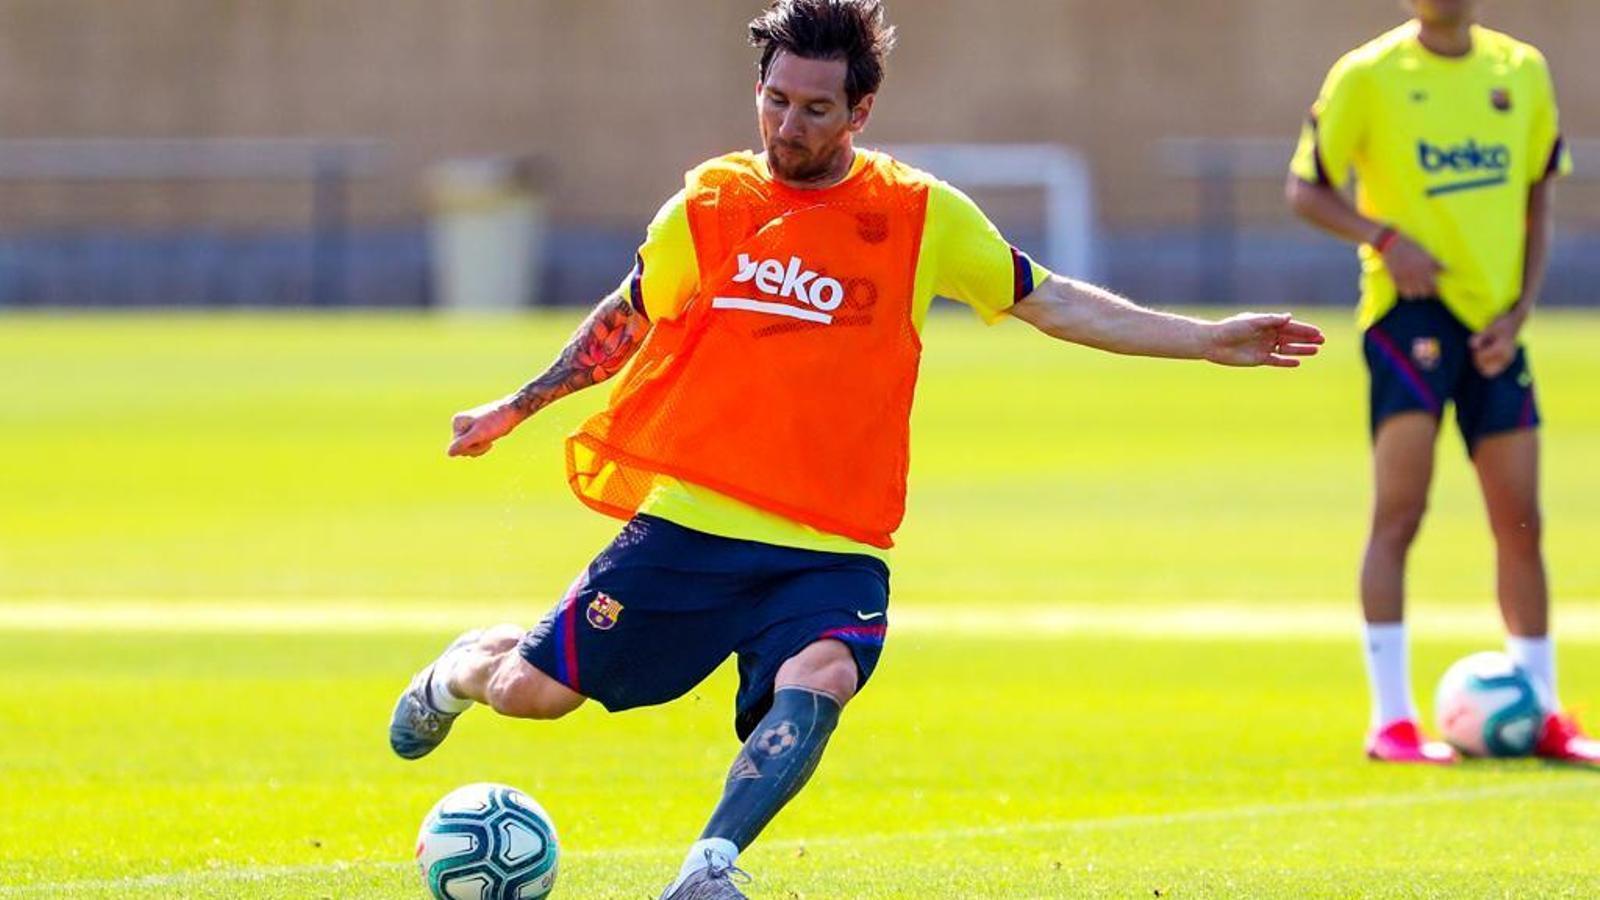 Leo Messi durant un entrenament amb el Barça durant la pandèmia de coronavirus